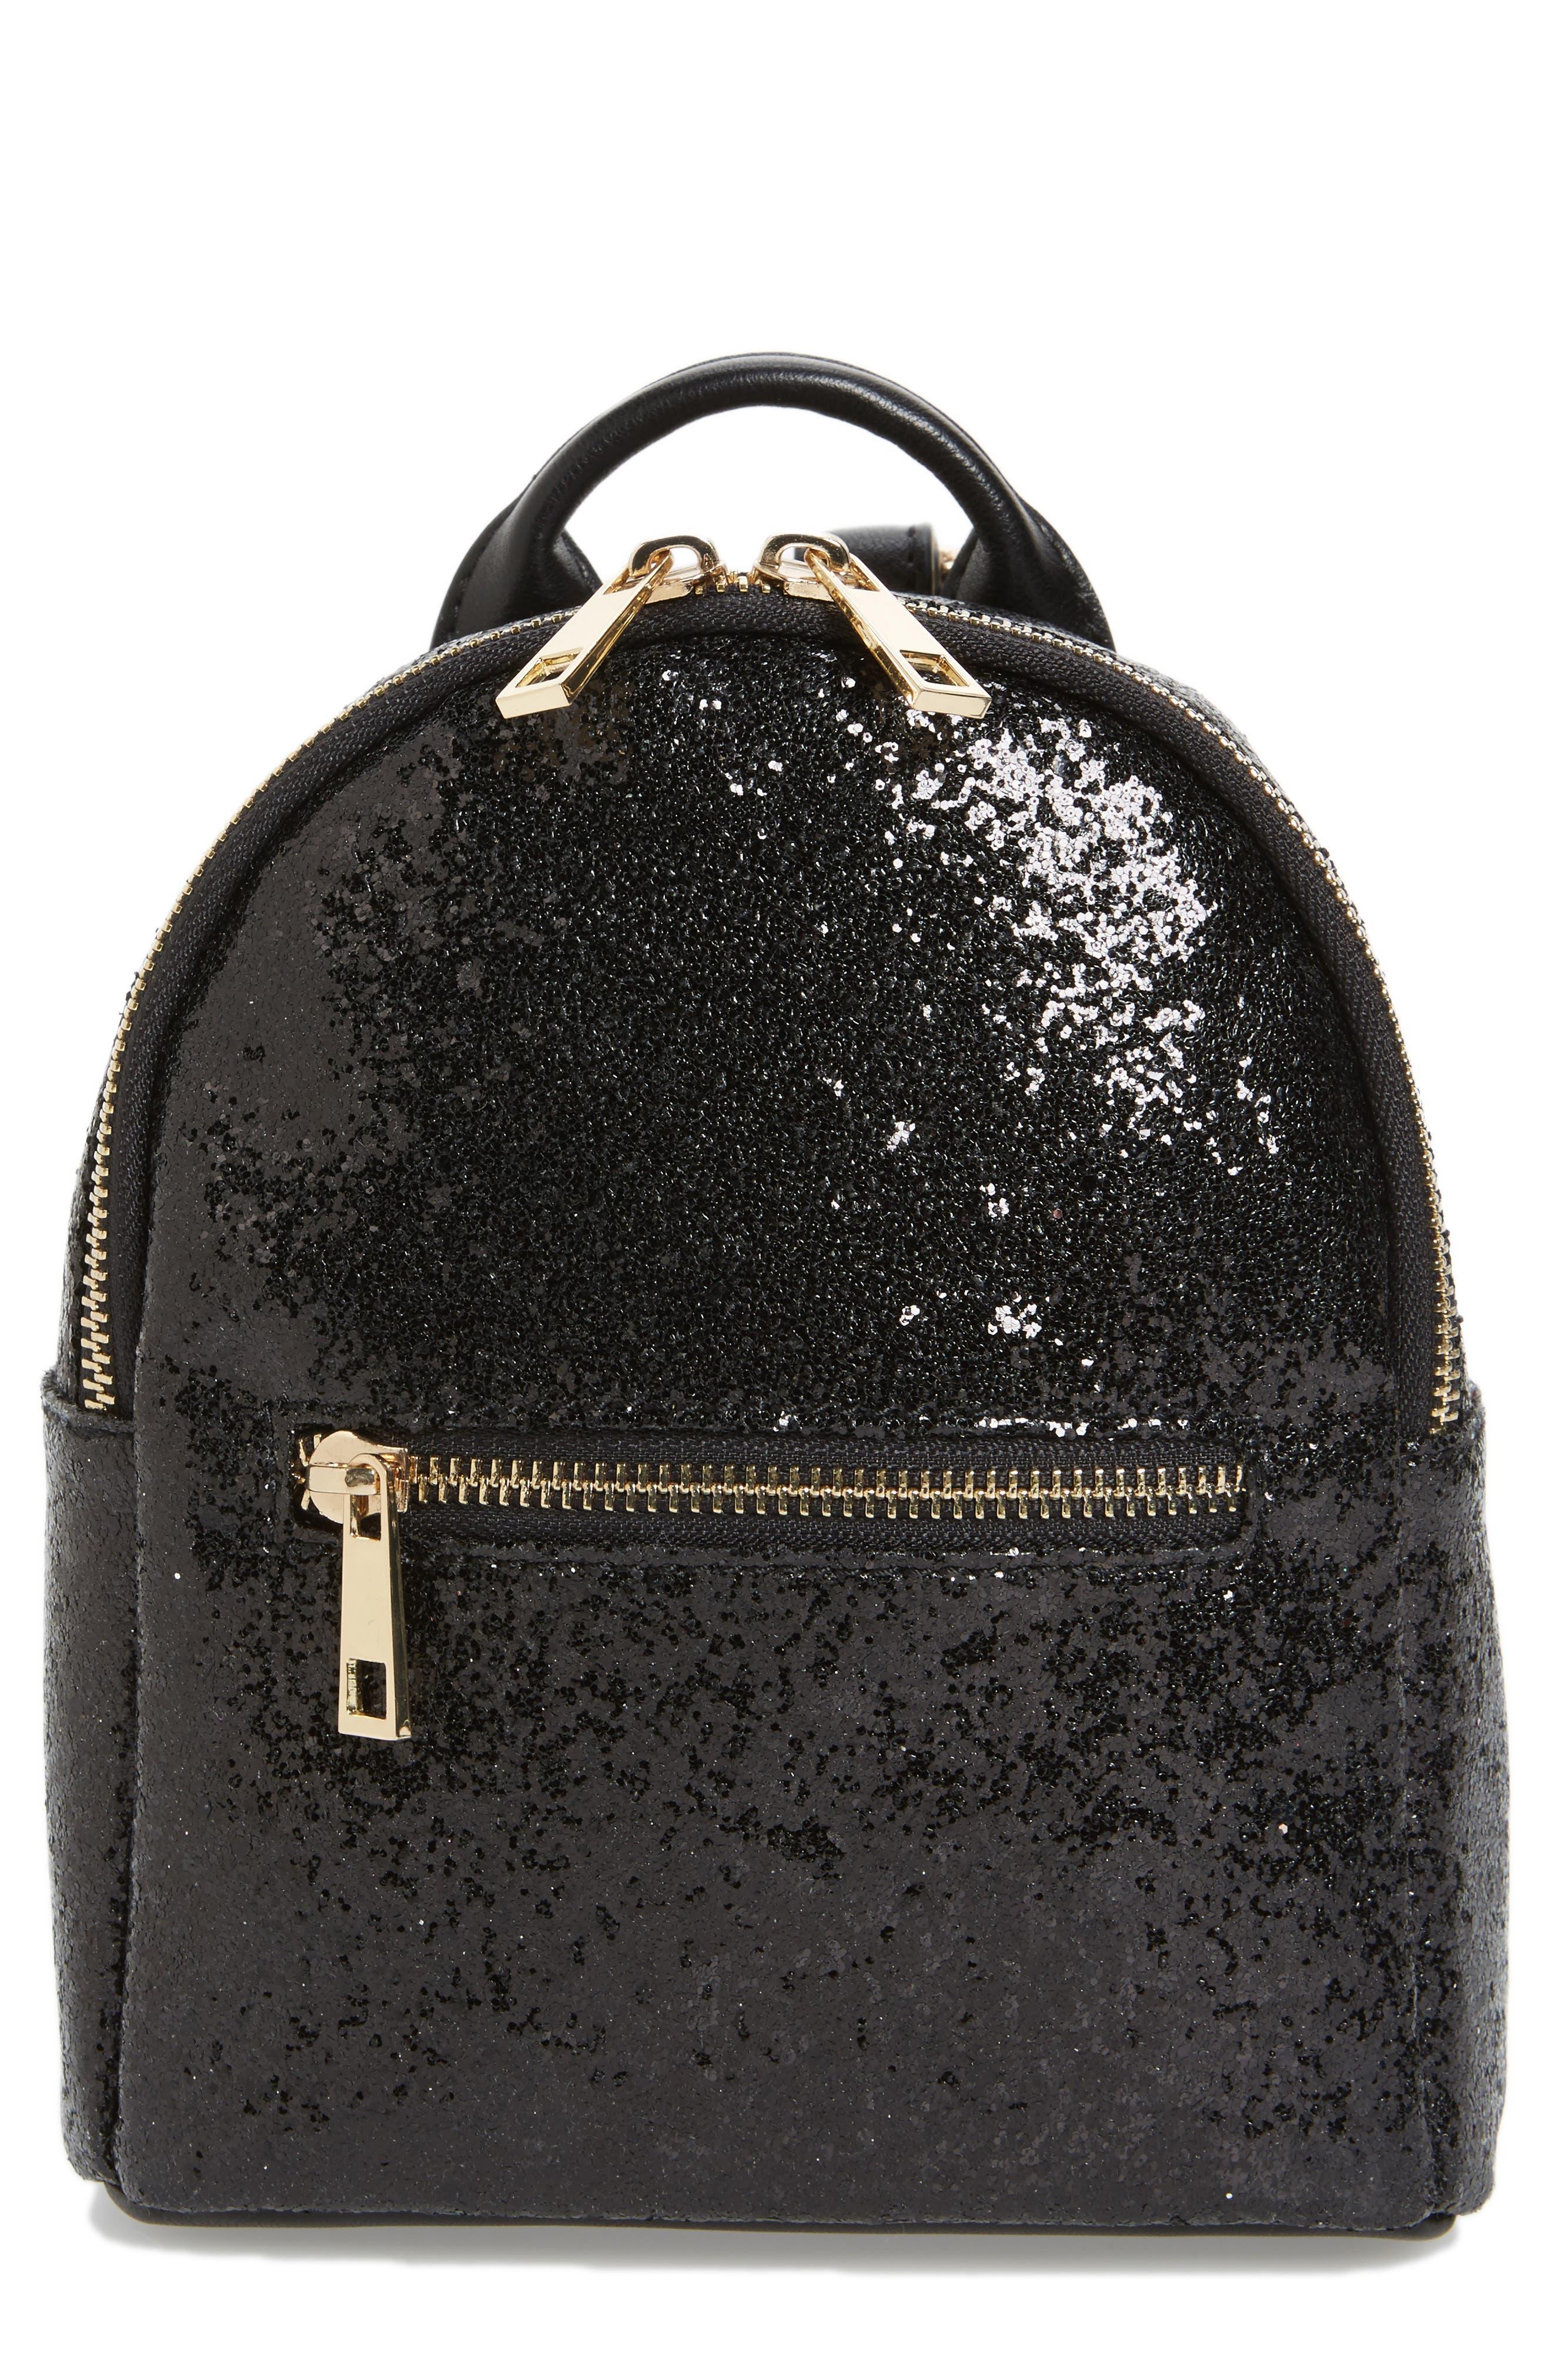 Mali + Lili Glitter Vegan Leather Backpack,                             Main thumbnail 1, color,                             BLACK